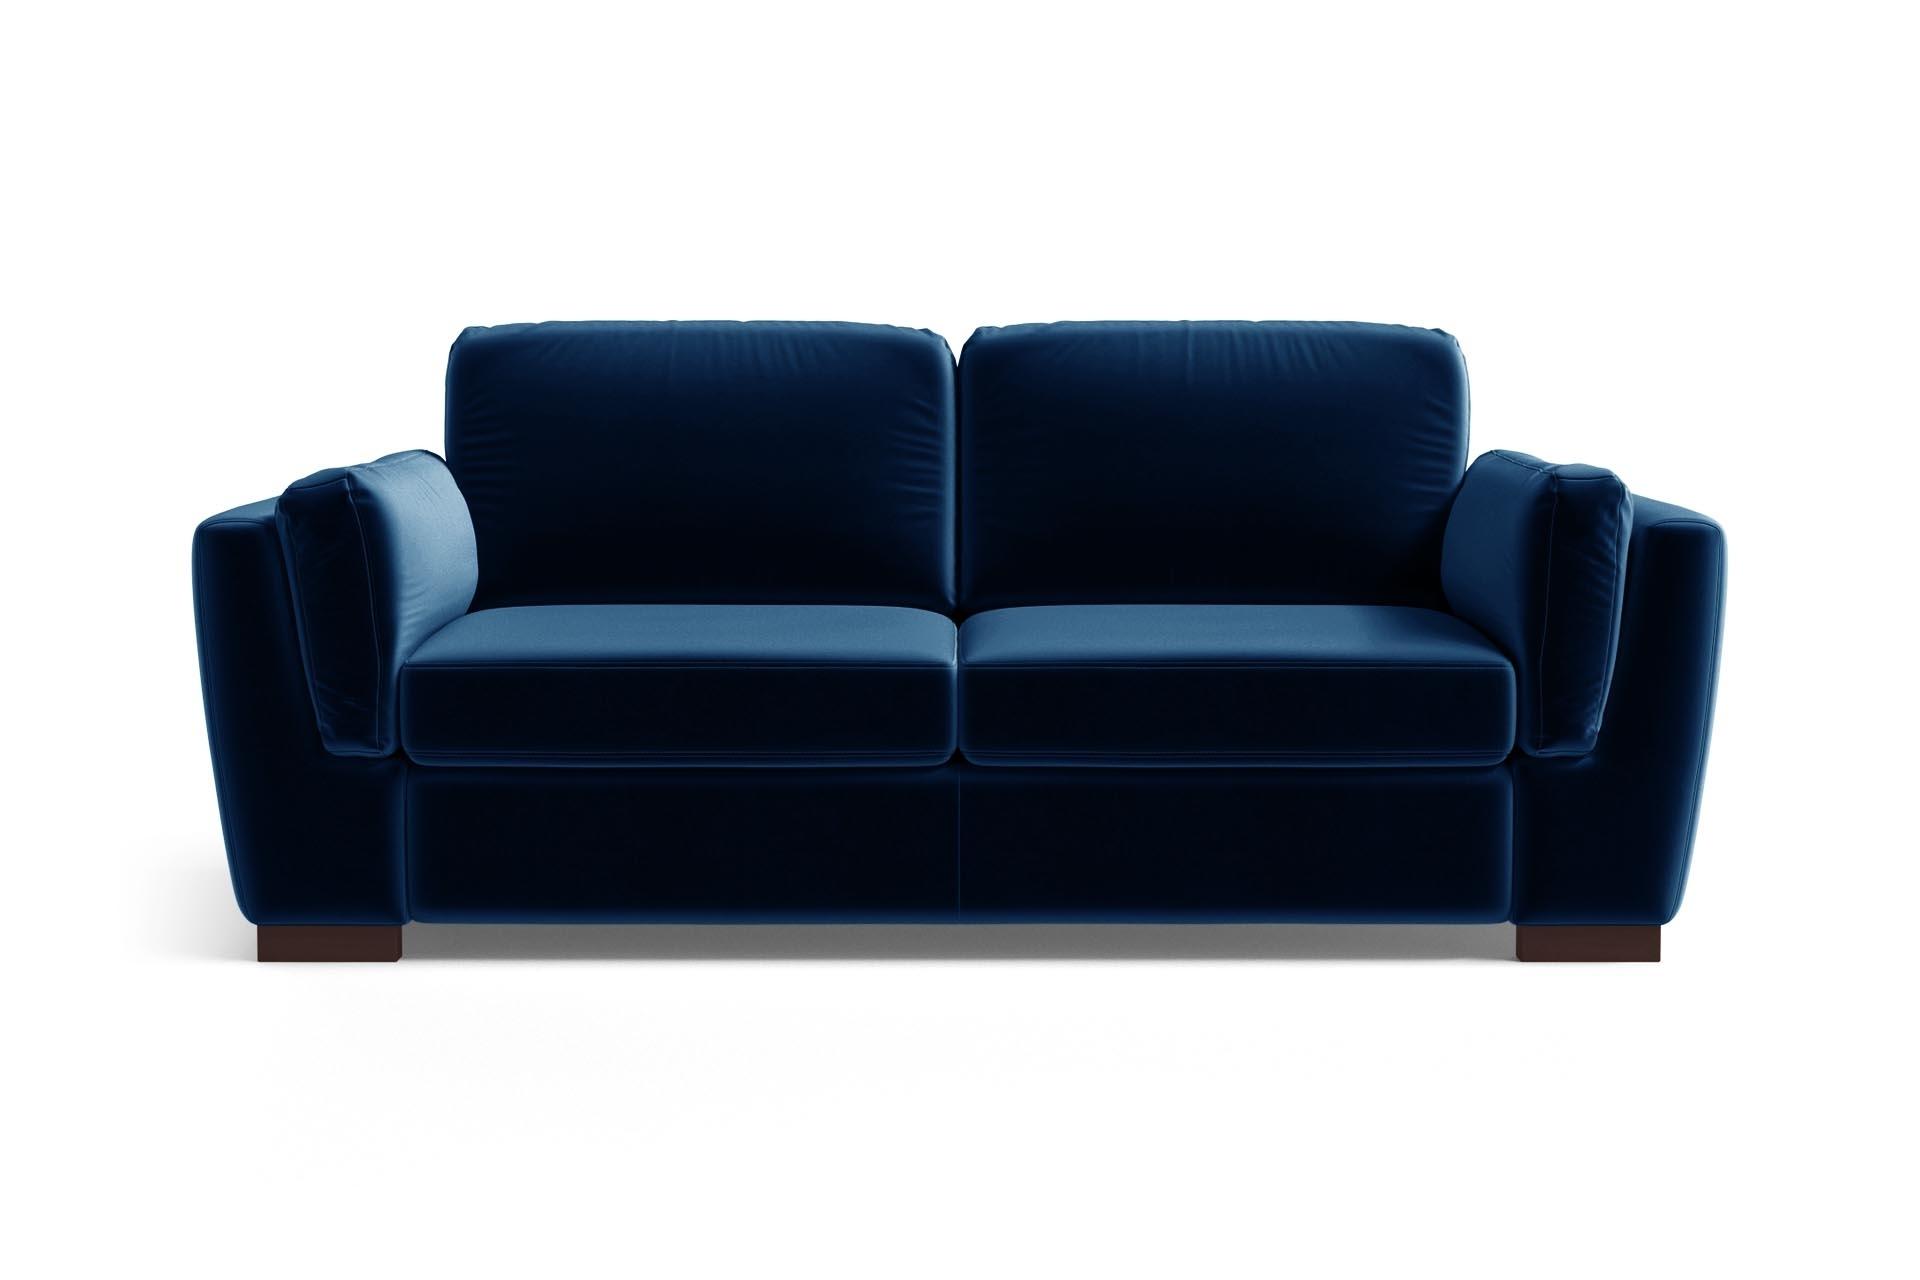 Canapé 2 places en velours bleu